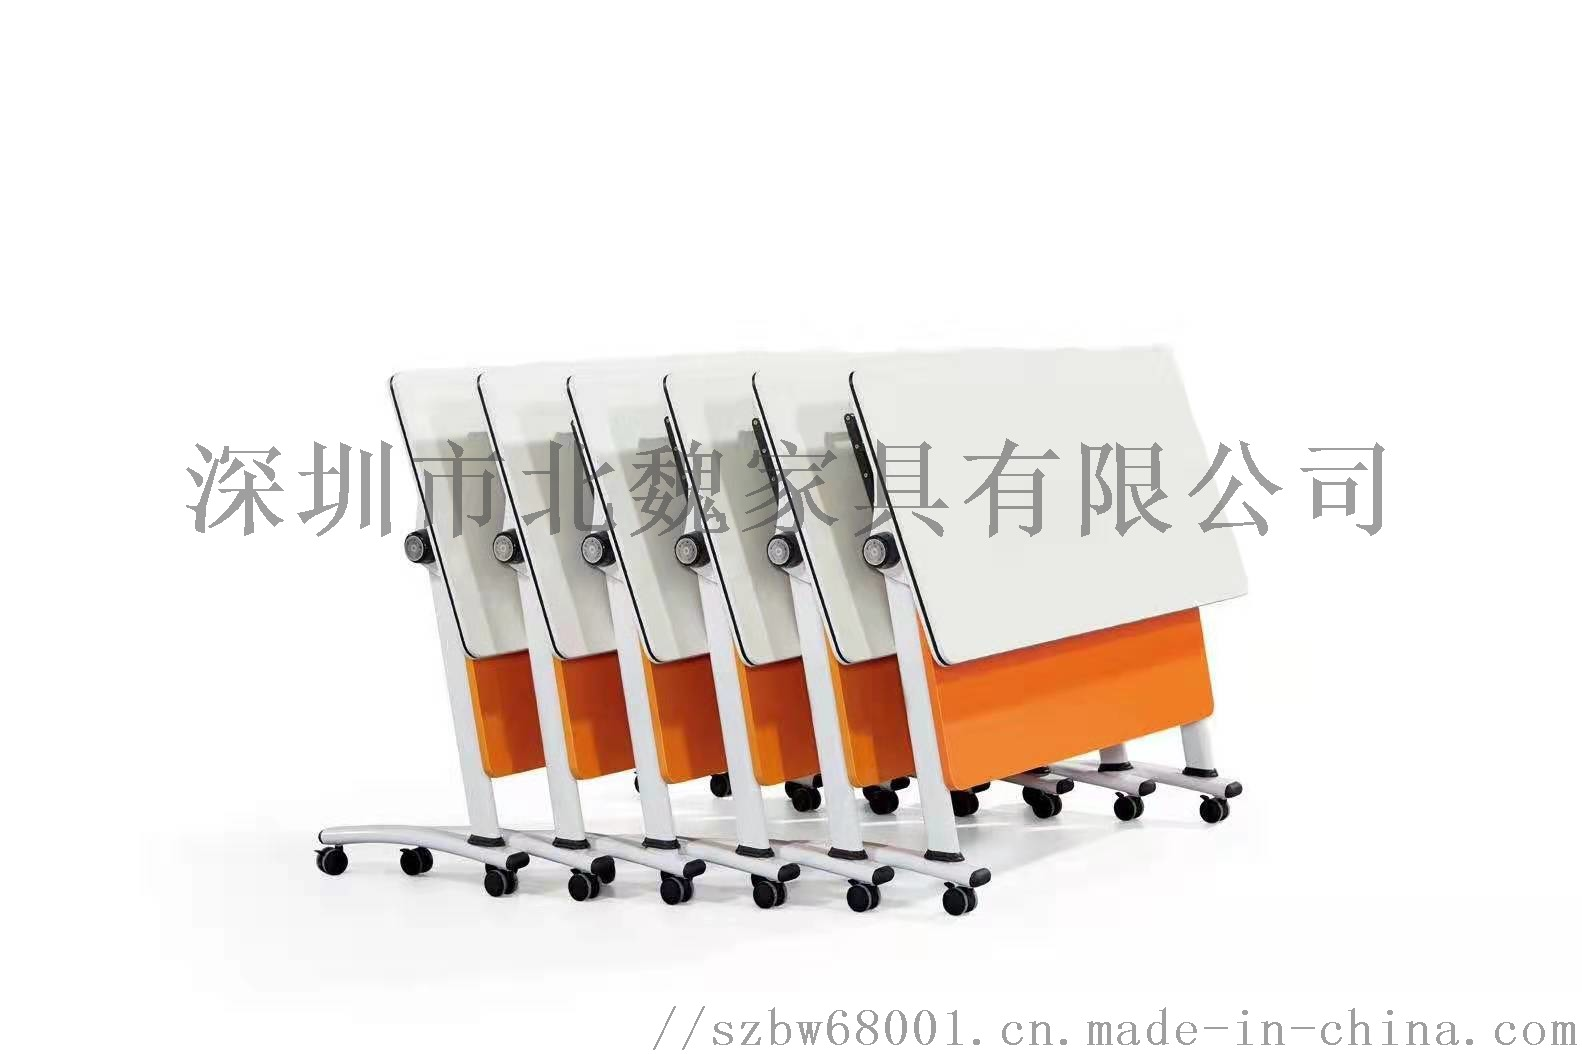 广东PXZ学校梯形拼接六边形创意带轮培训桌椅126941425